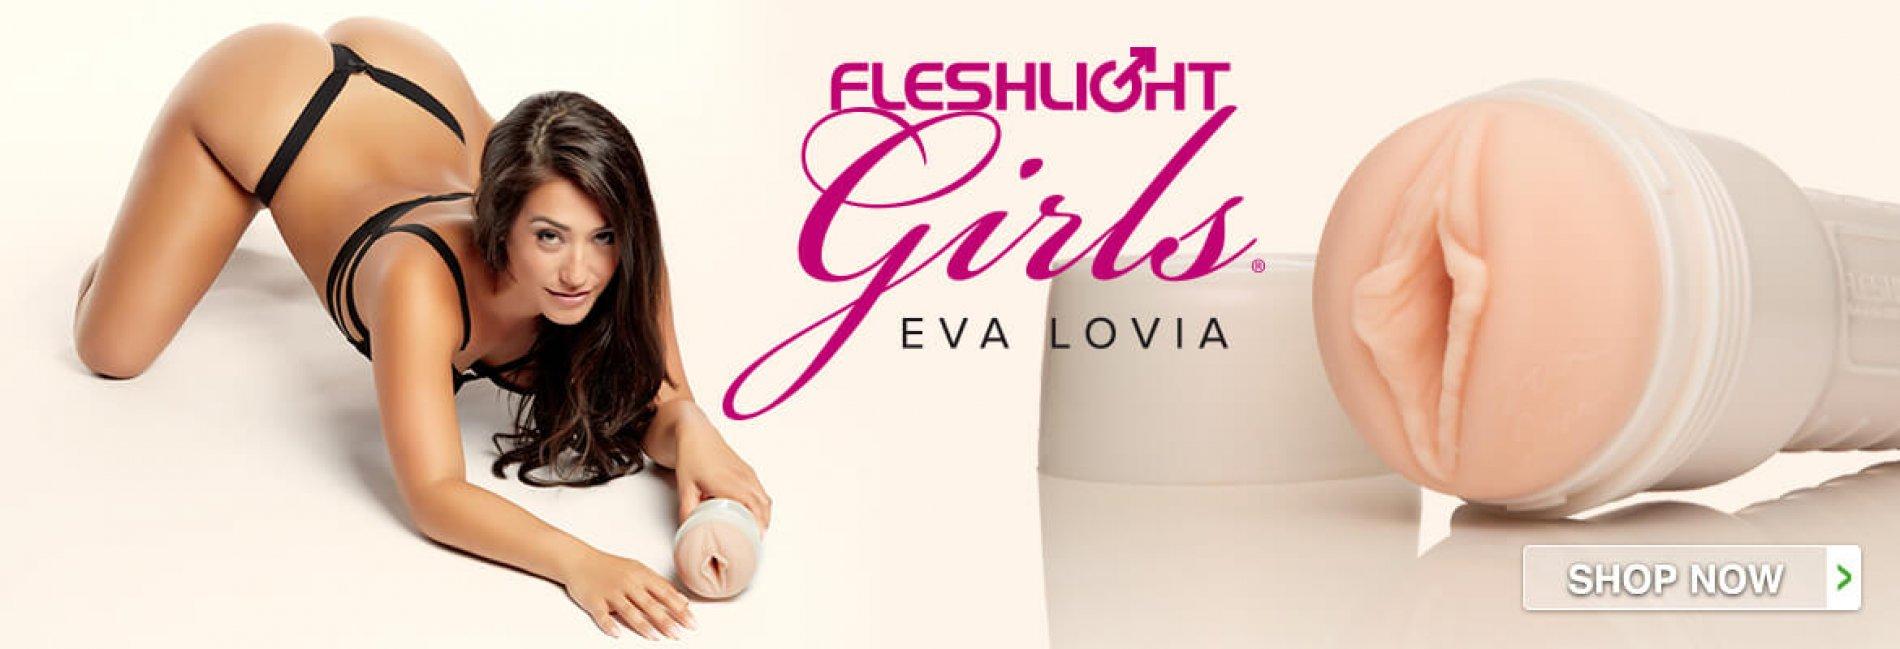 Fleshlight Eva Lovia Lotus